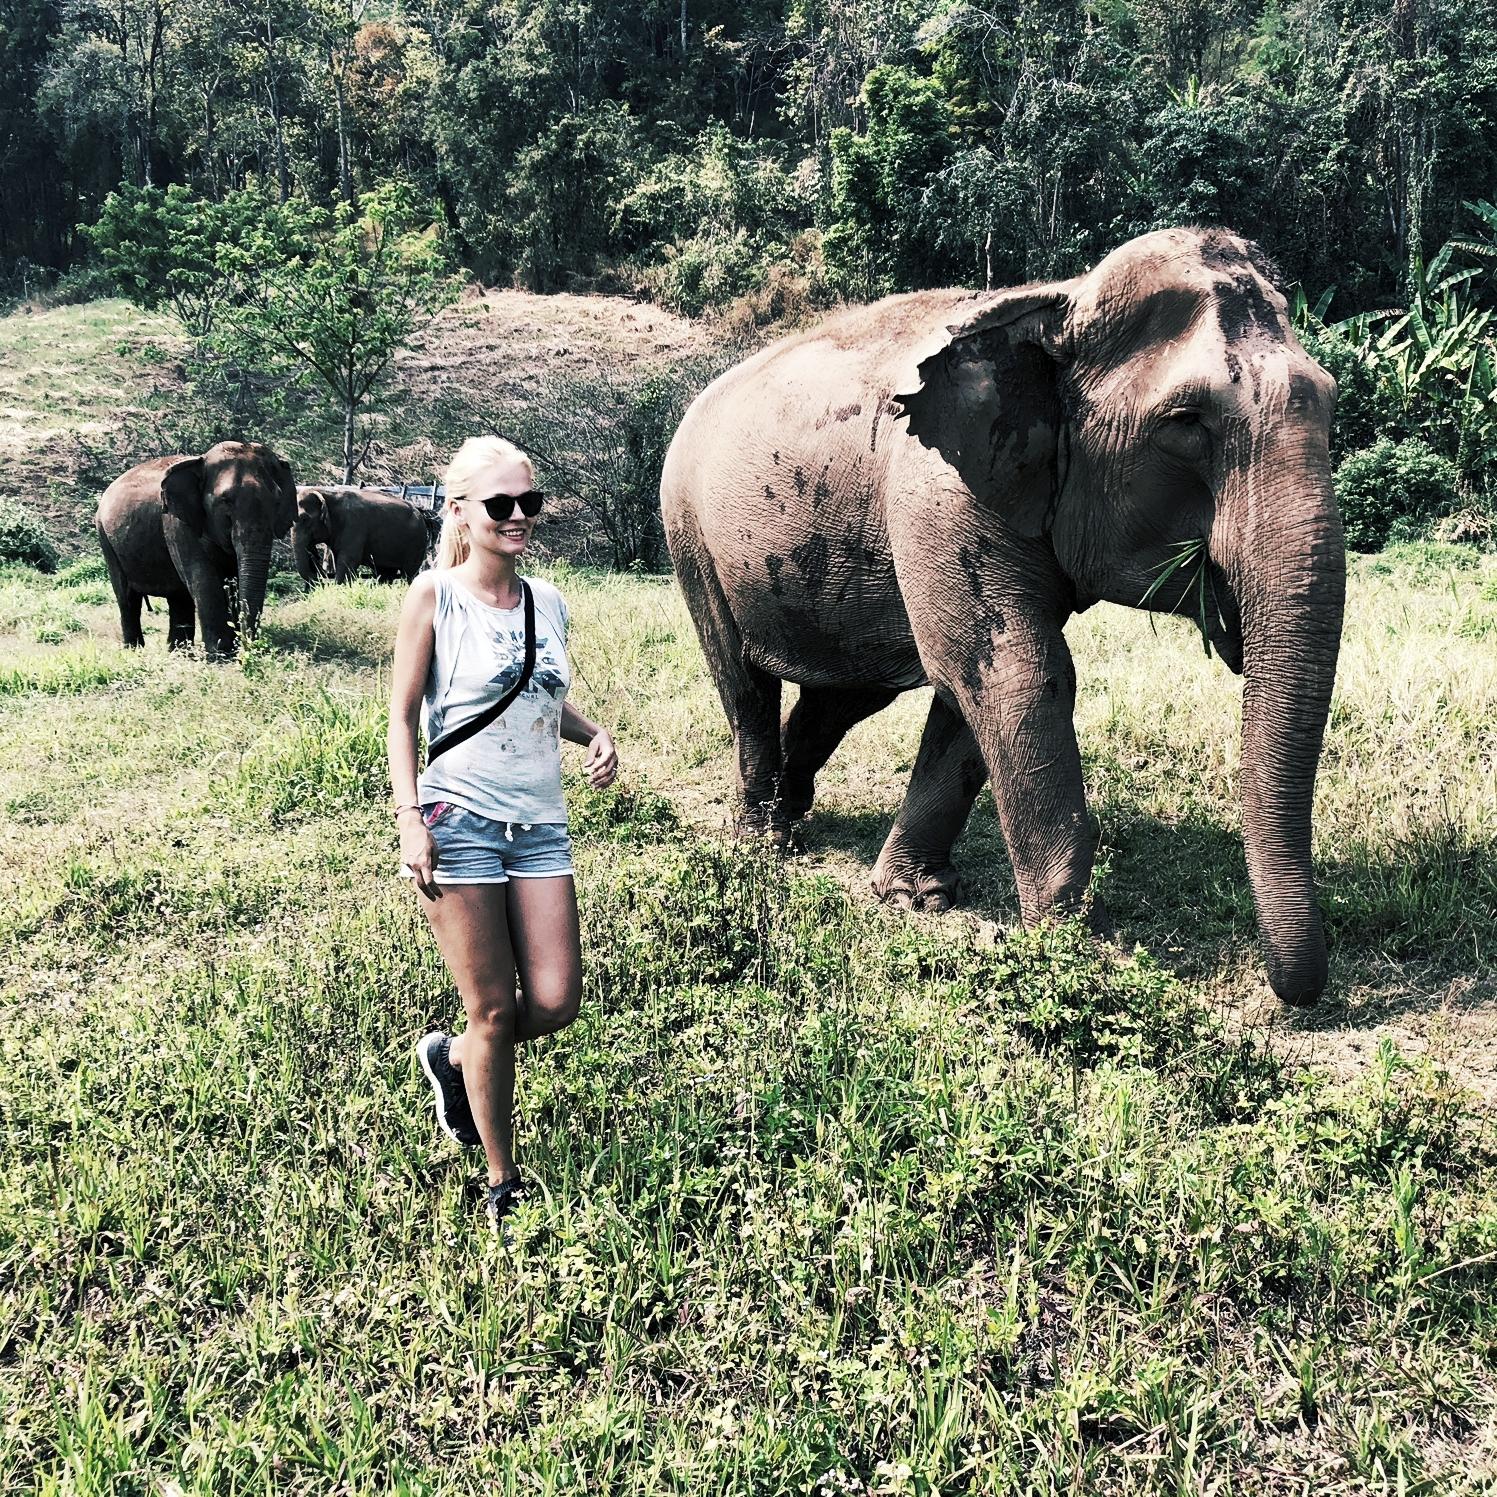 Vedle dalších organizací bojujících za ochranu slonů jsme zde, abychom šířili osvětu a zabránili zneužívání a úbytku slonů způsobených turistickým průmyslem.